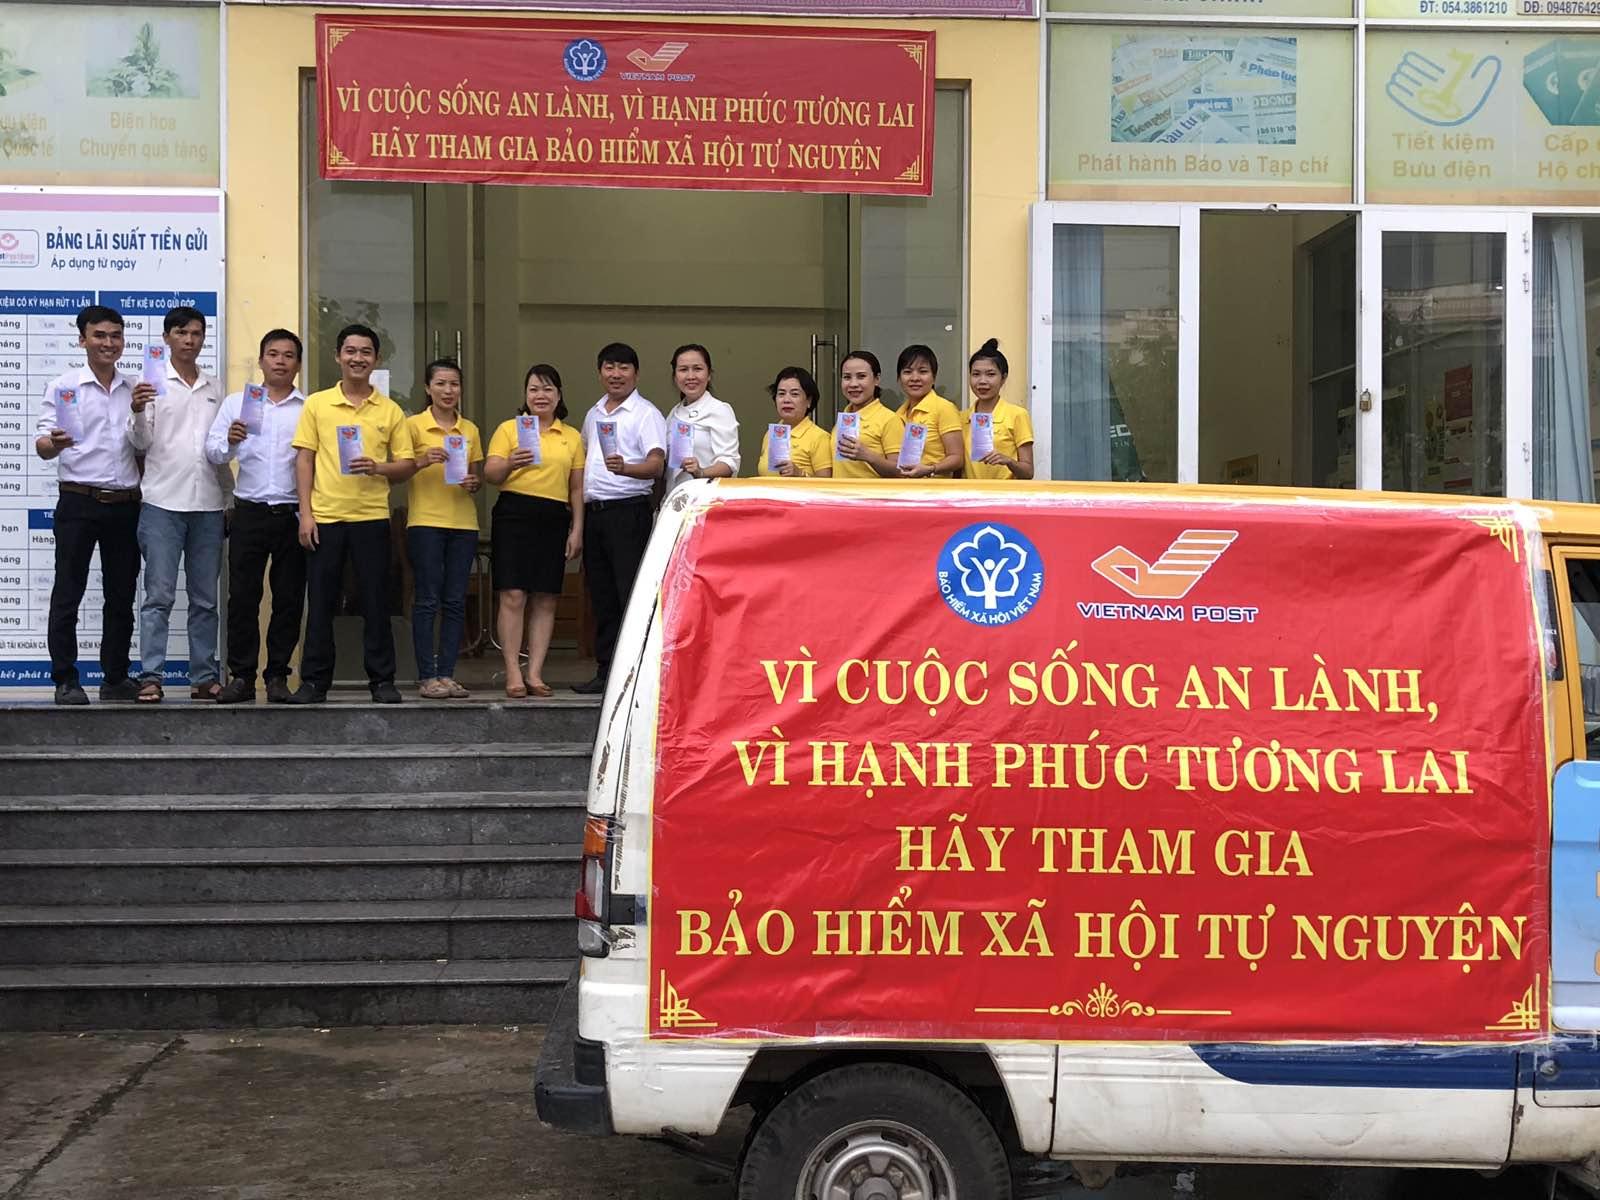 Bưu điện TX Hương Thủy sẵn sàng ra quân tuyên truyền và phát triển người tham gia BHXH tự nguyện